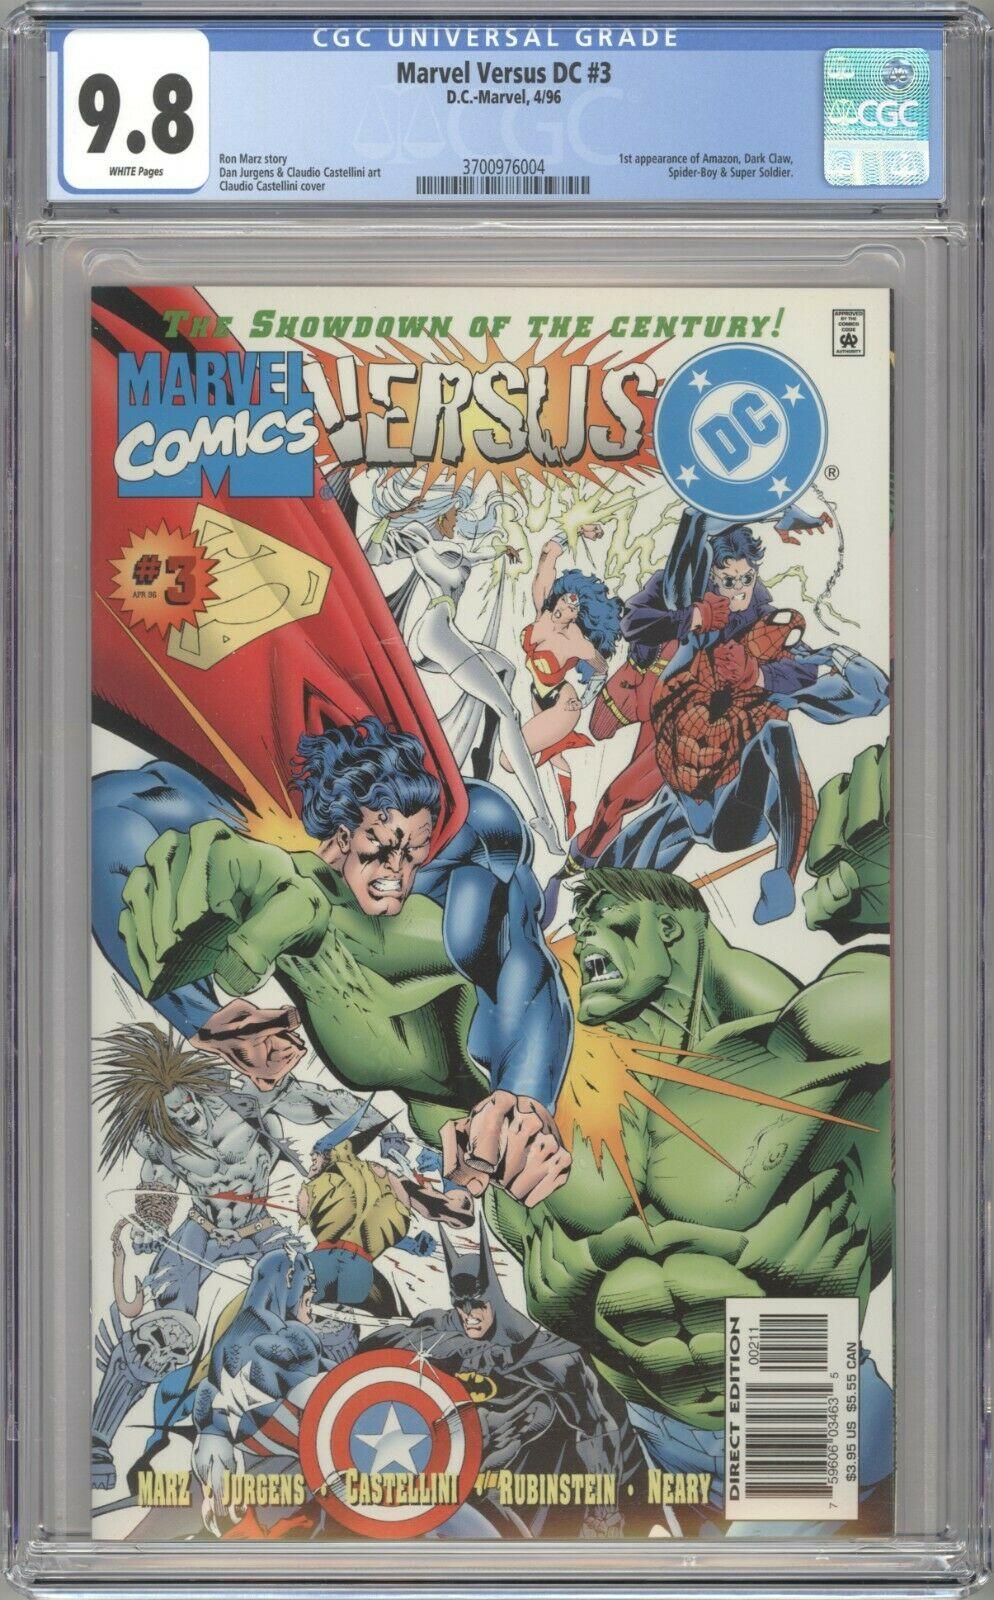 Marvel Versus DC #3 (1996) CGC 9.8 Dark Claw, Spider-Boy, Super Soldier, Amazon